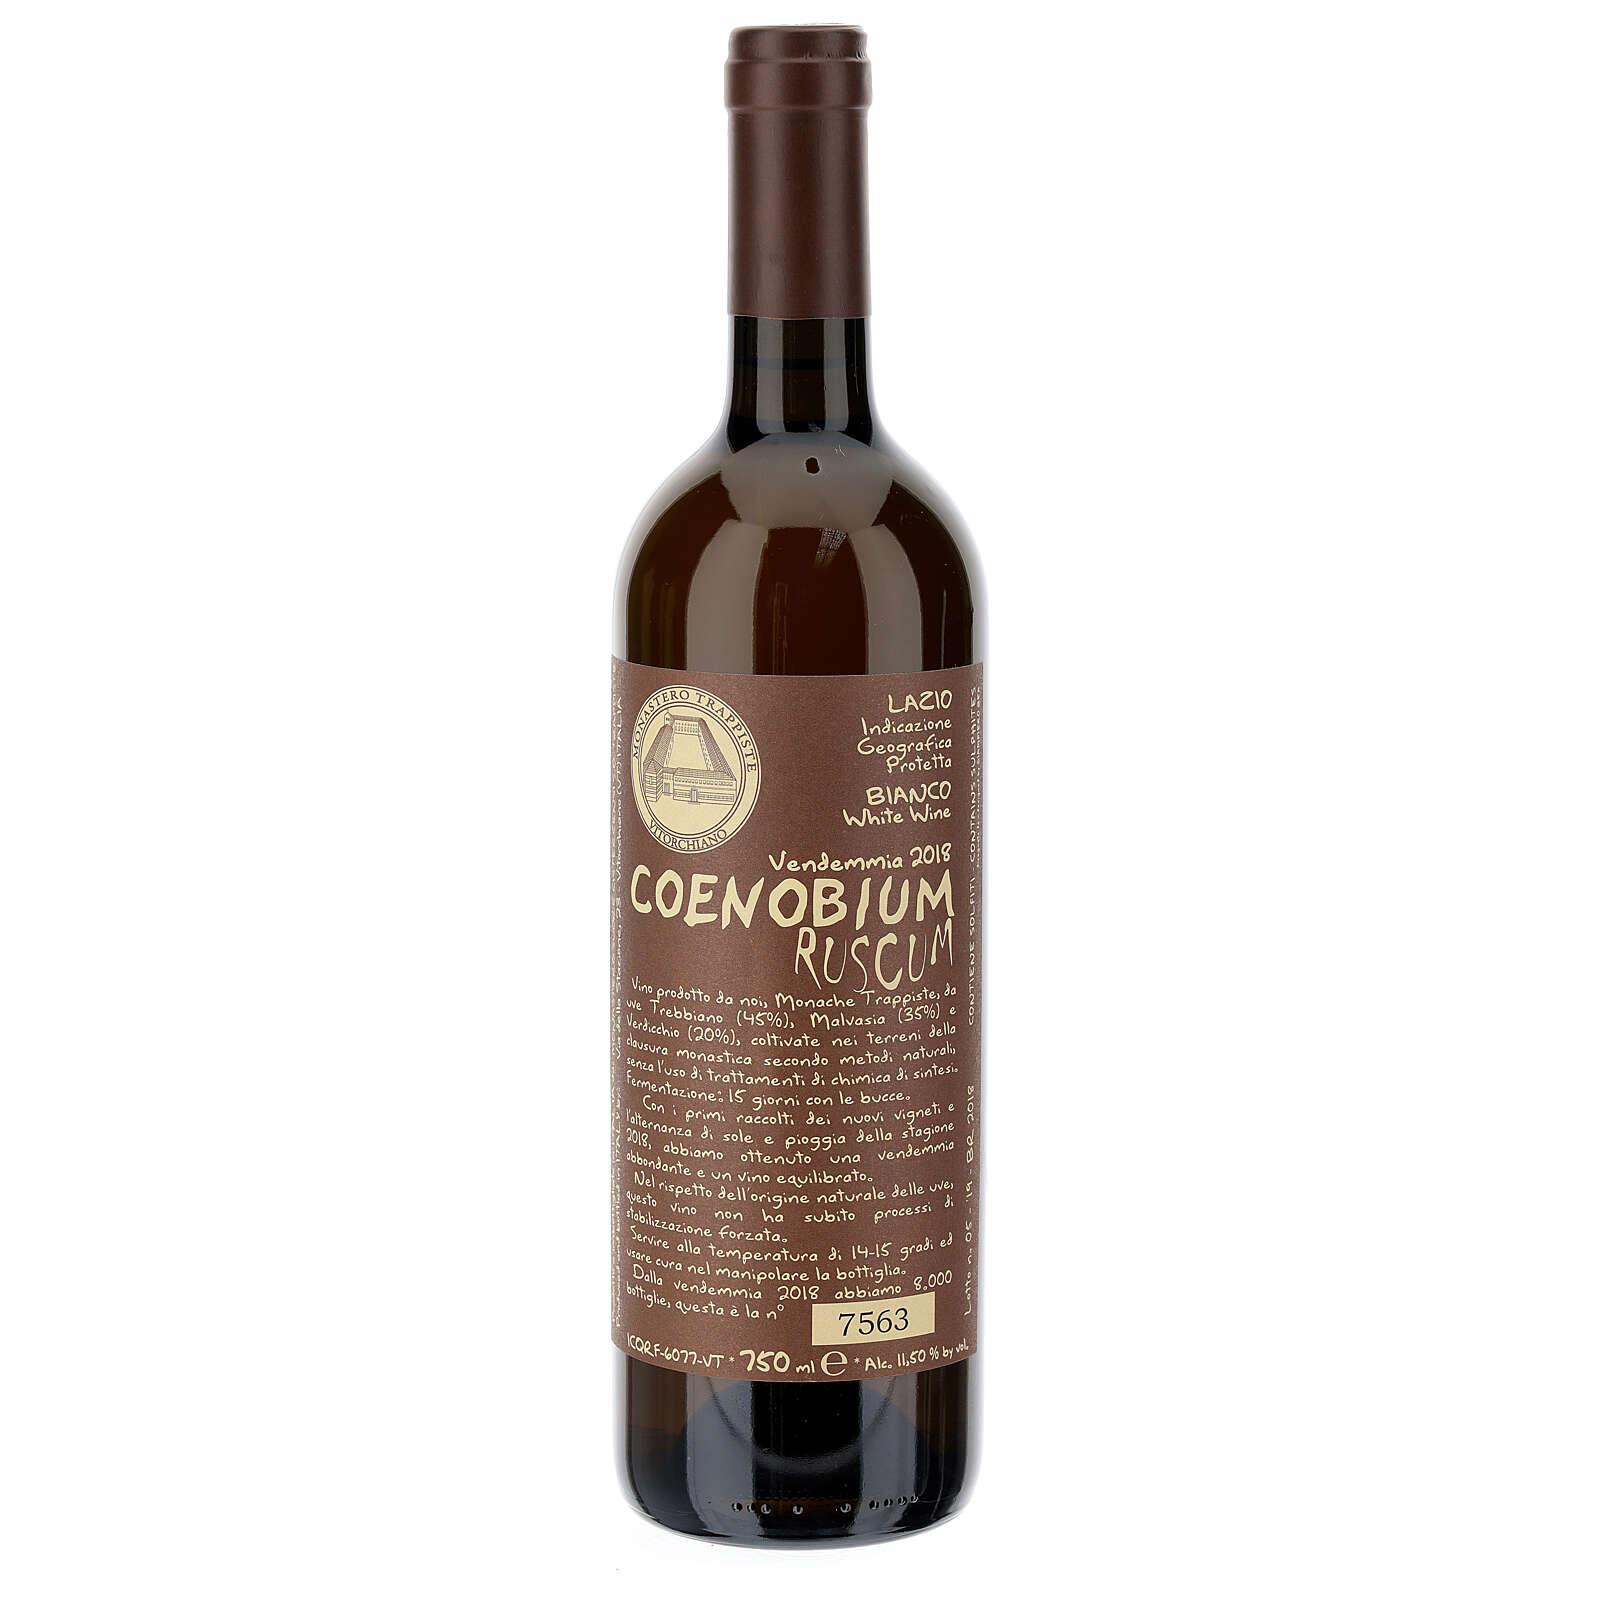 Vitorchiano Coenobium Ruscum 2018 white wine 750ml 3